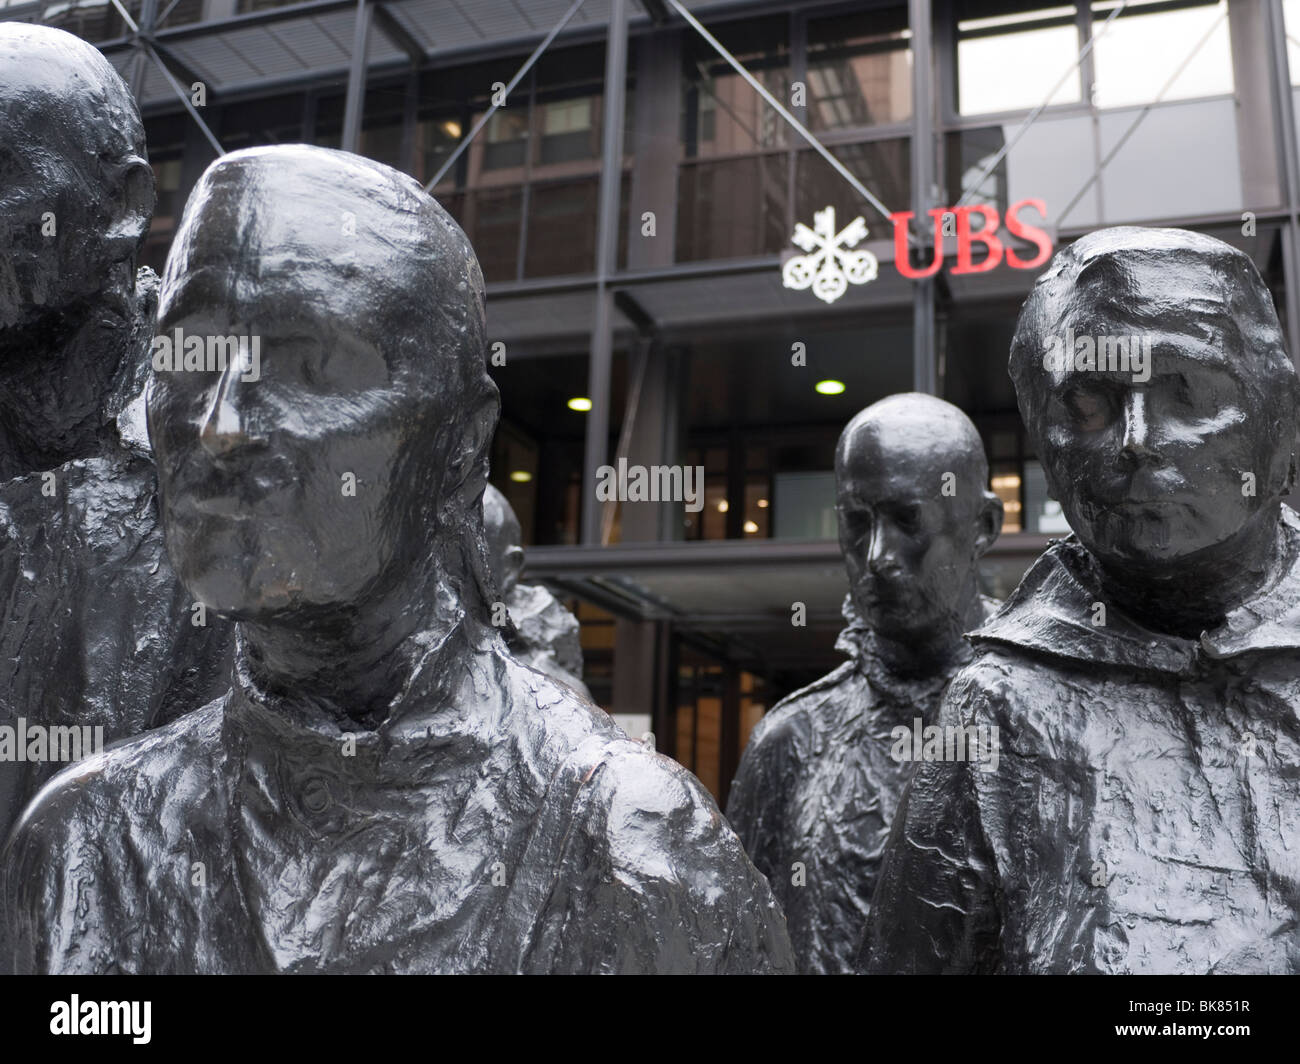 UBS-zentrale, Broadgate, London, mit Statue im Vordergrund, George Segal Rush Hour Skulptur Stockbild